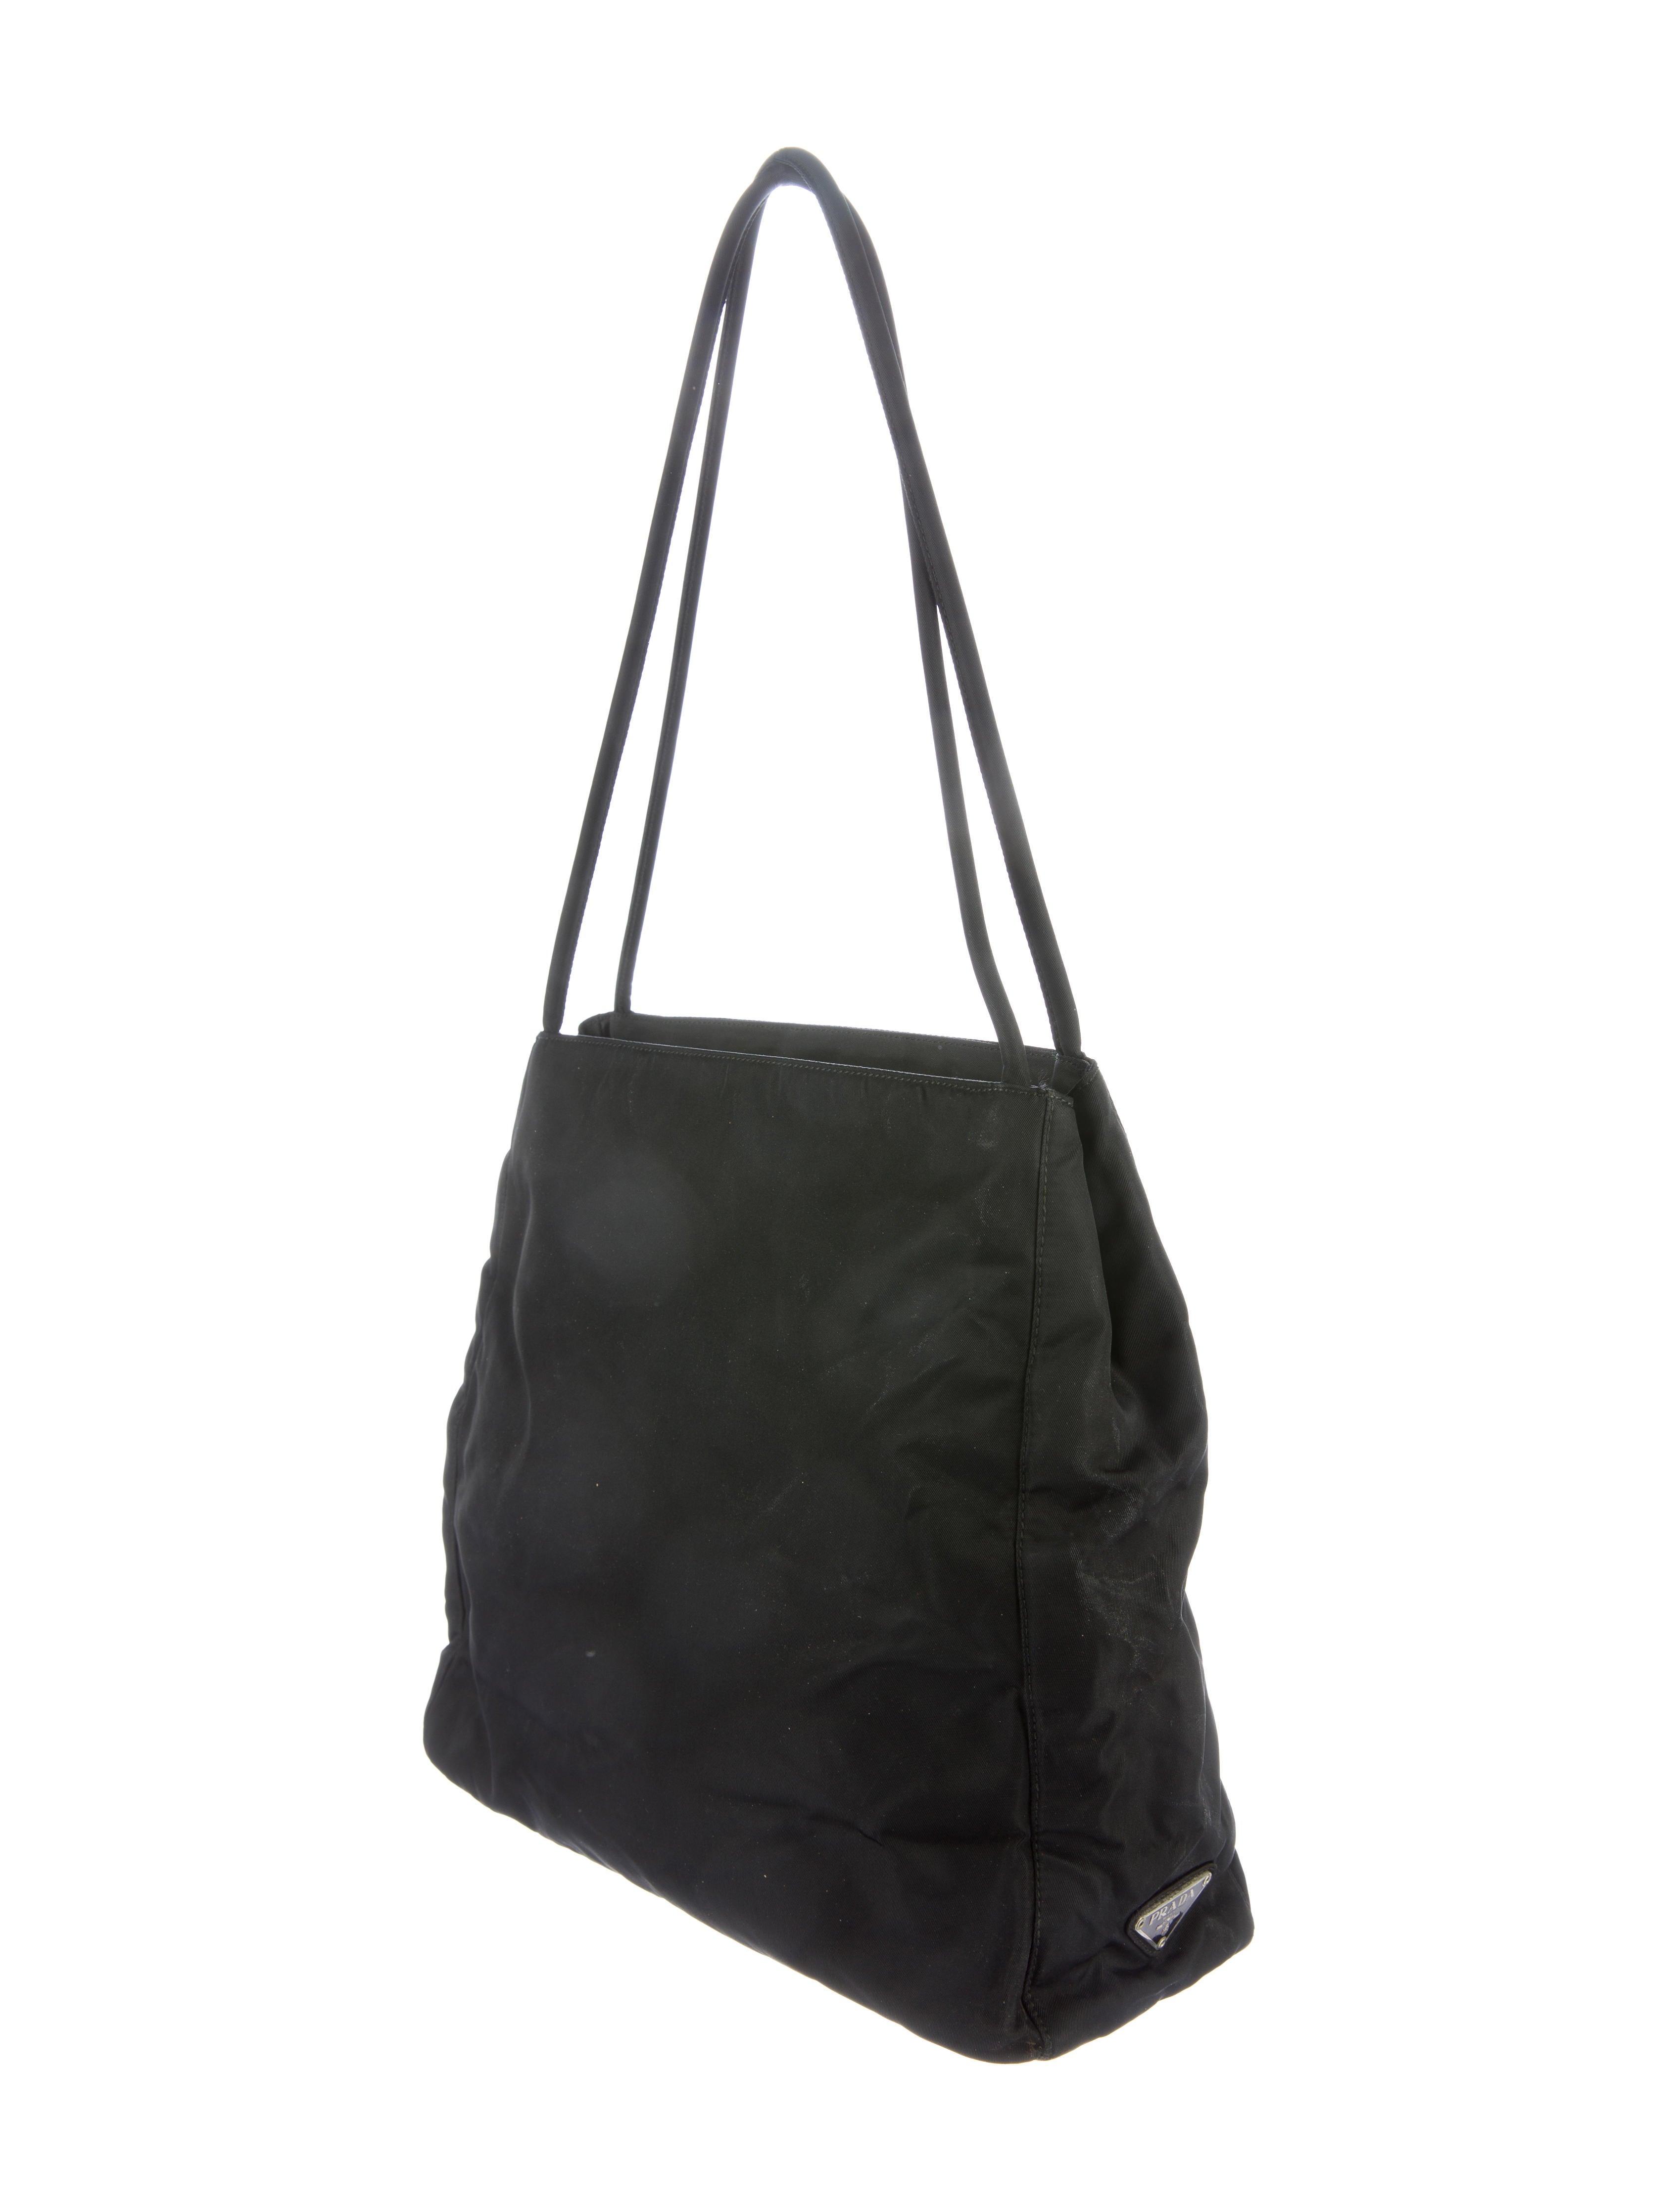 ca6be2e345da90 Prada Tessuto Shopper Tote - Handbags - PRA151857   The RealReal